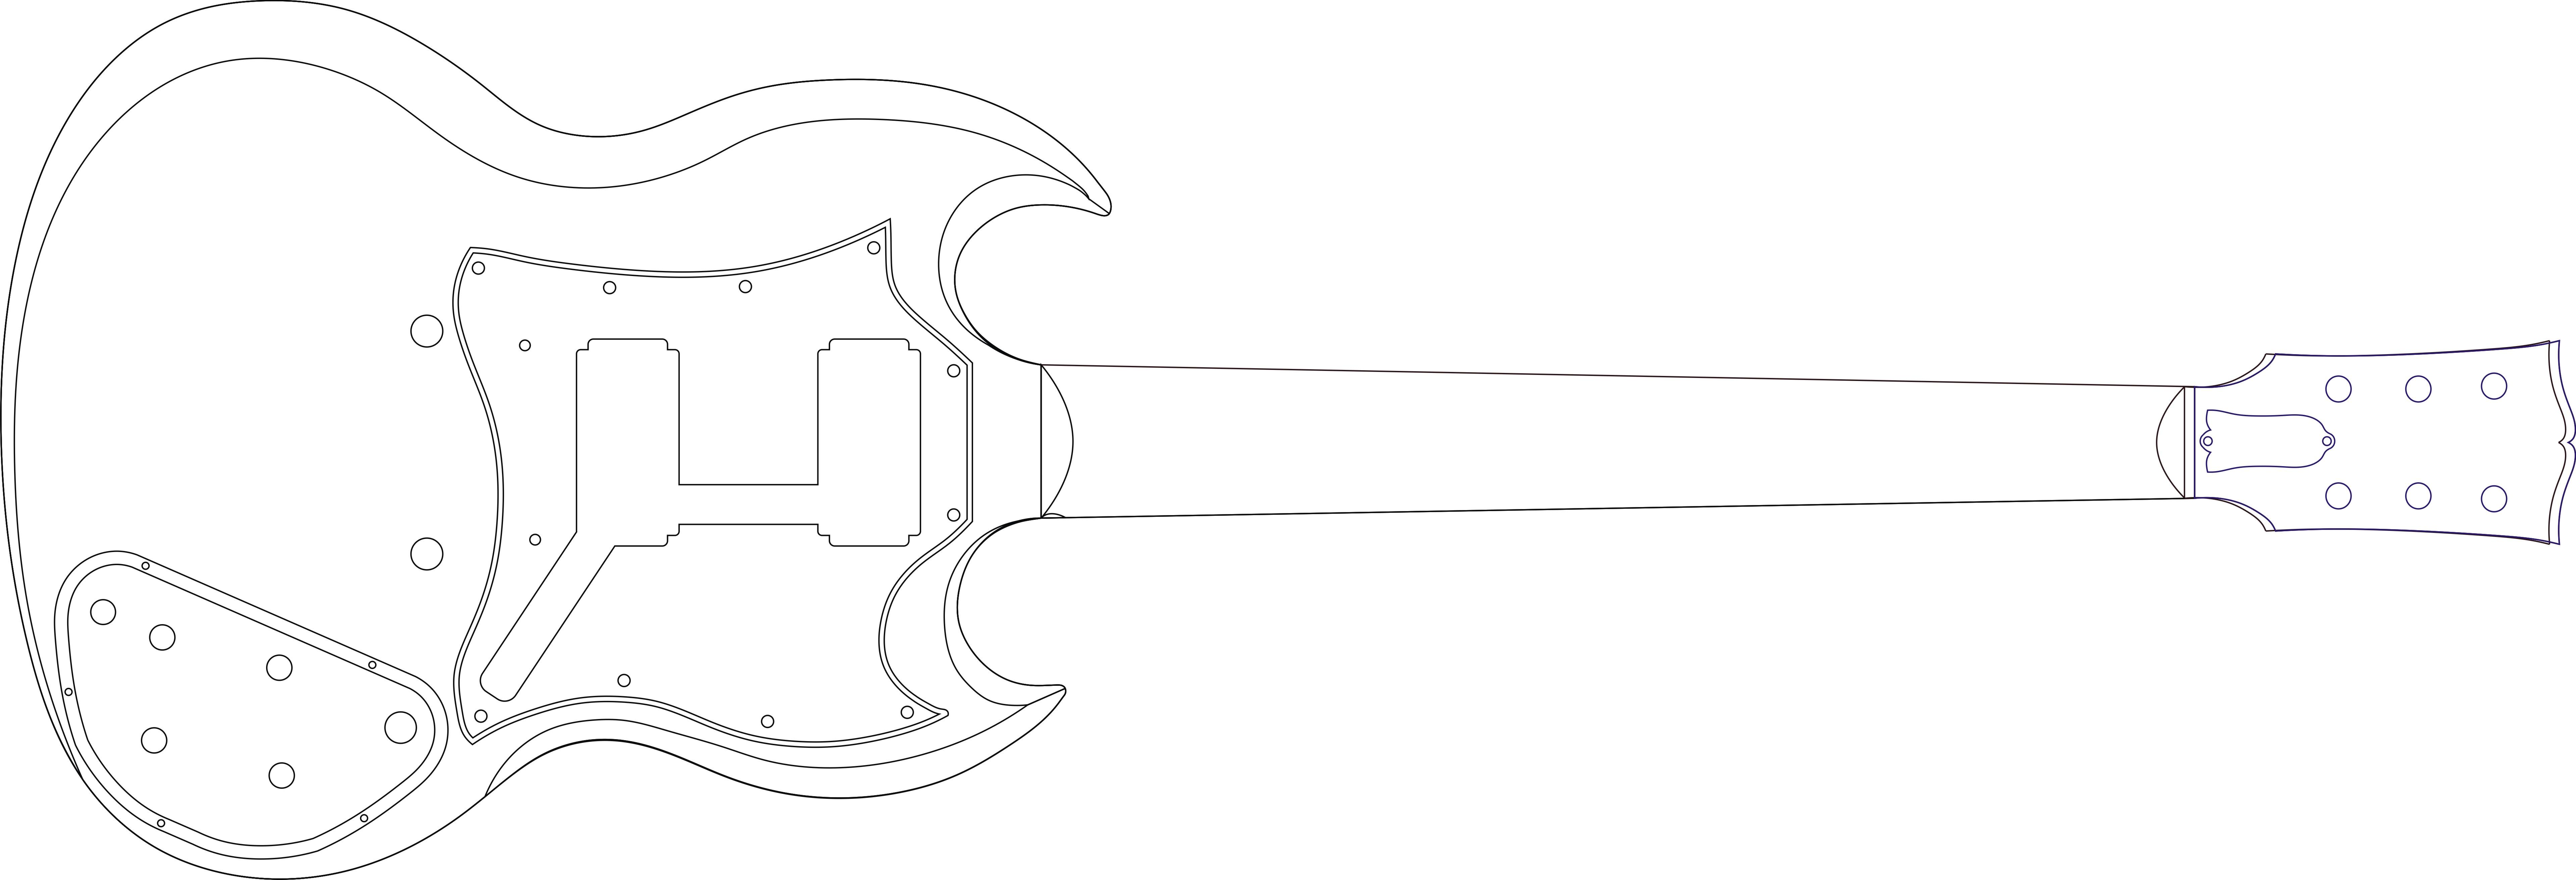 Rayno S Custom Gibson Sg Blog